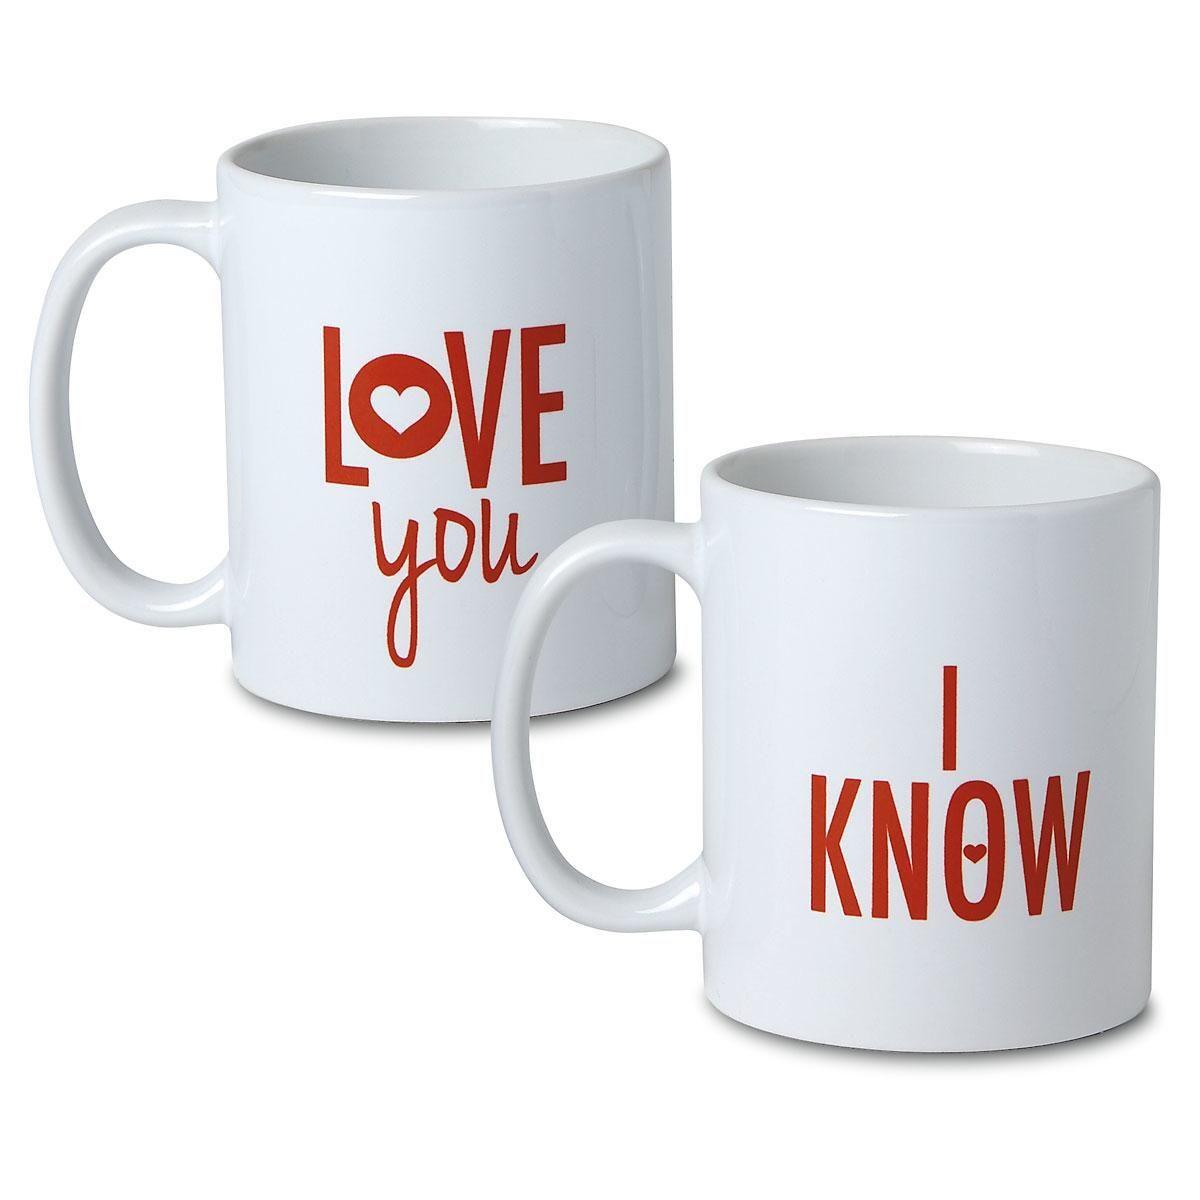 I Love You and I Know Novelty Mugs